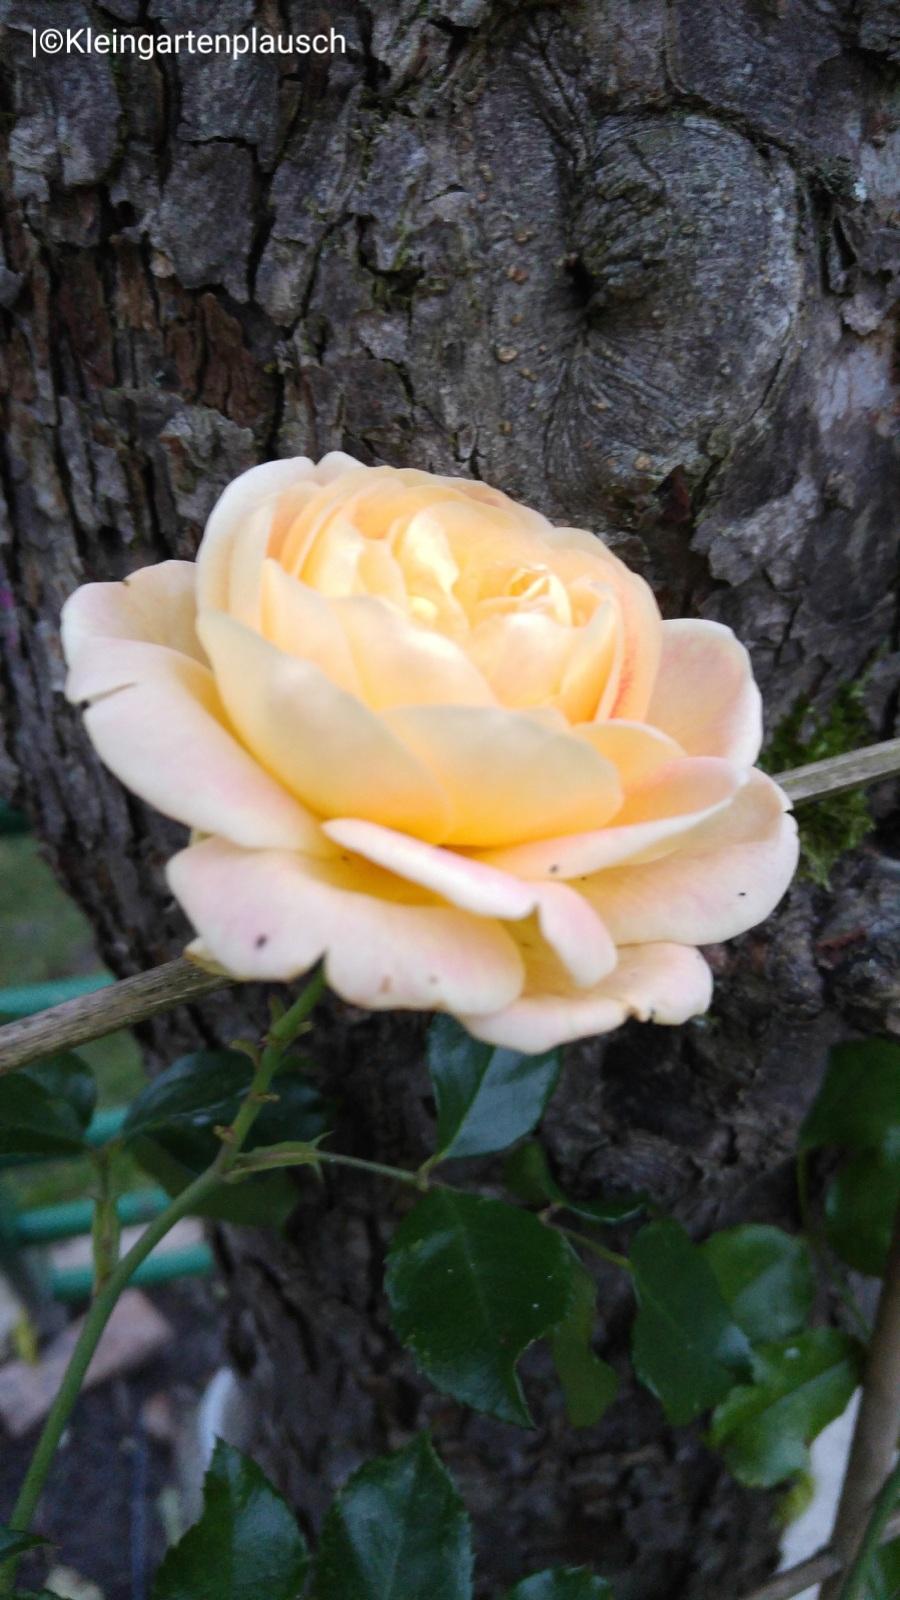 Und auch die Rose von einem unserer Gartenfreunde blüht unverdrossen!